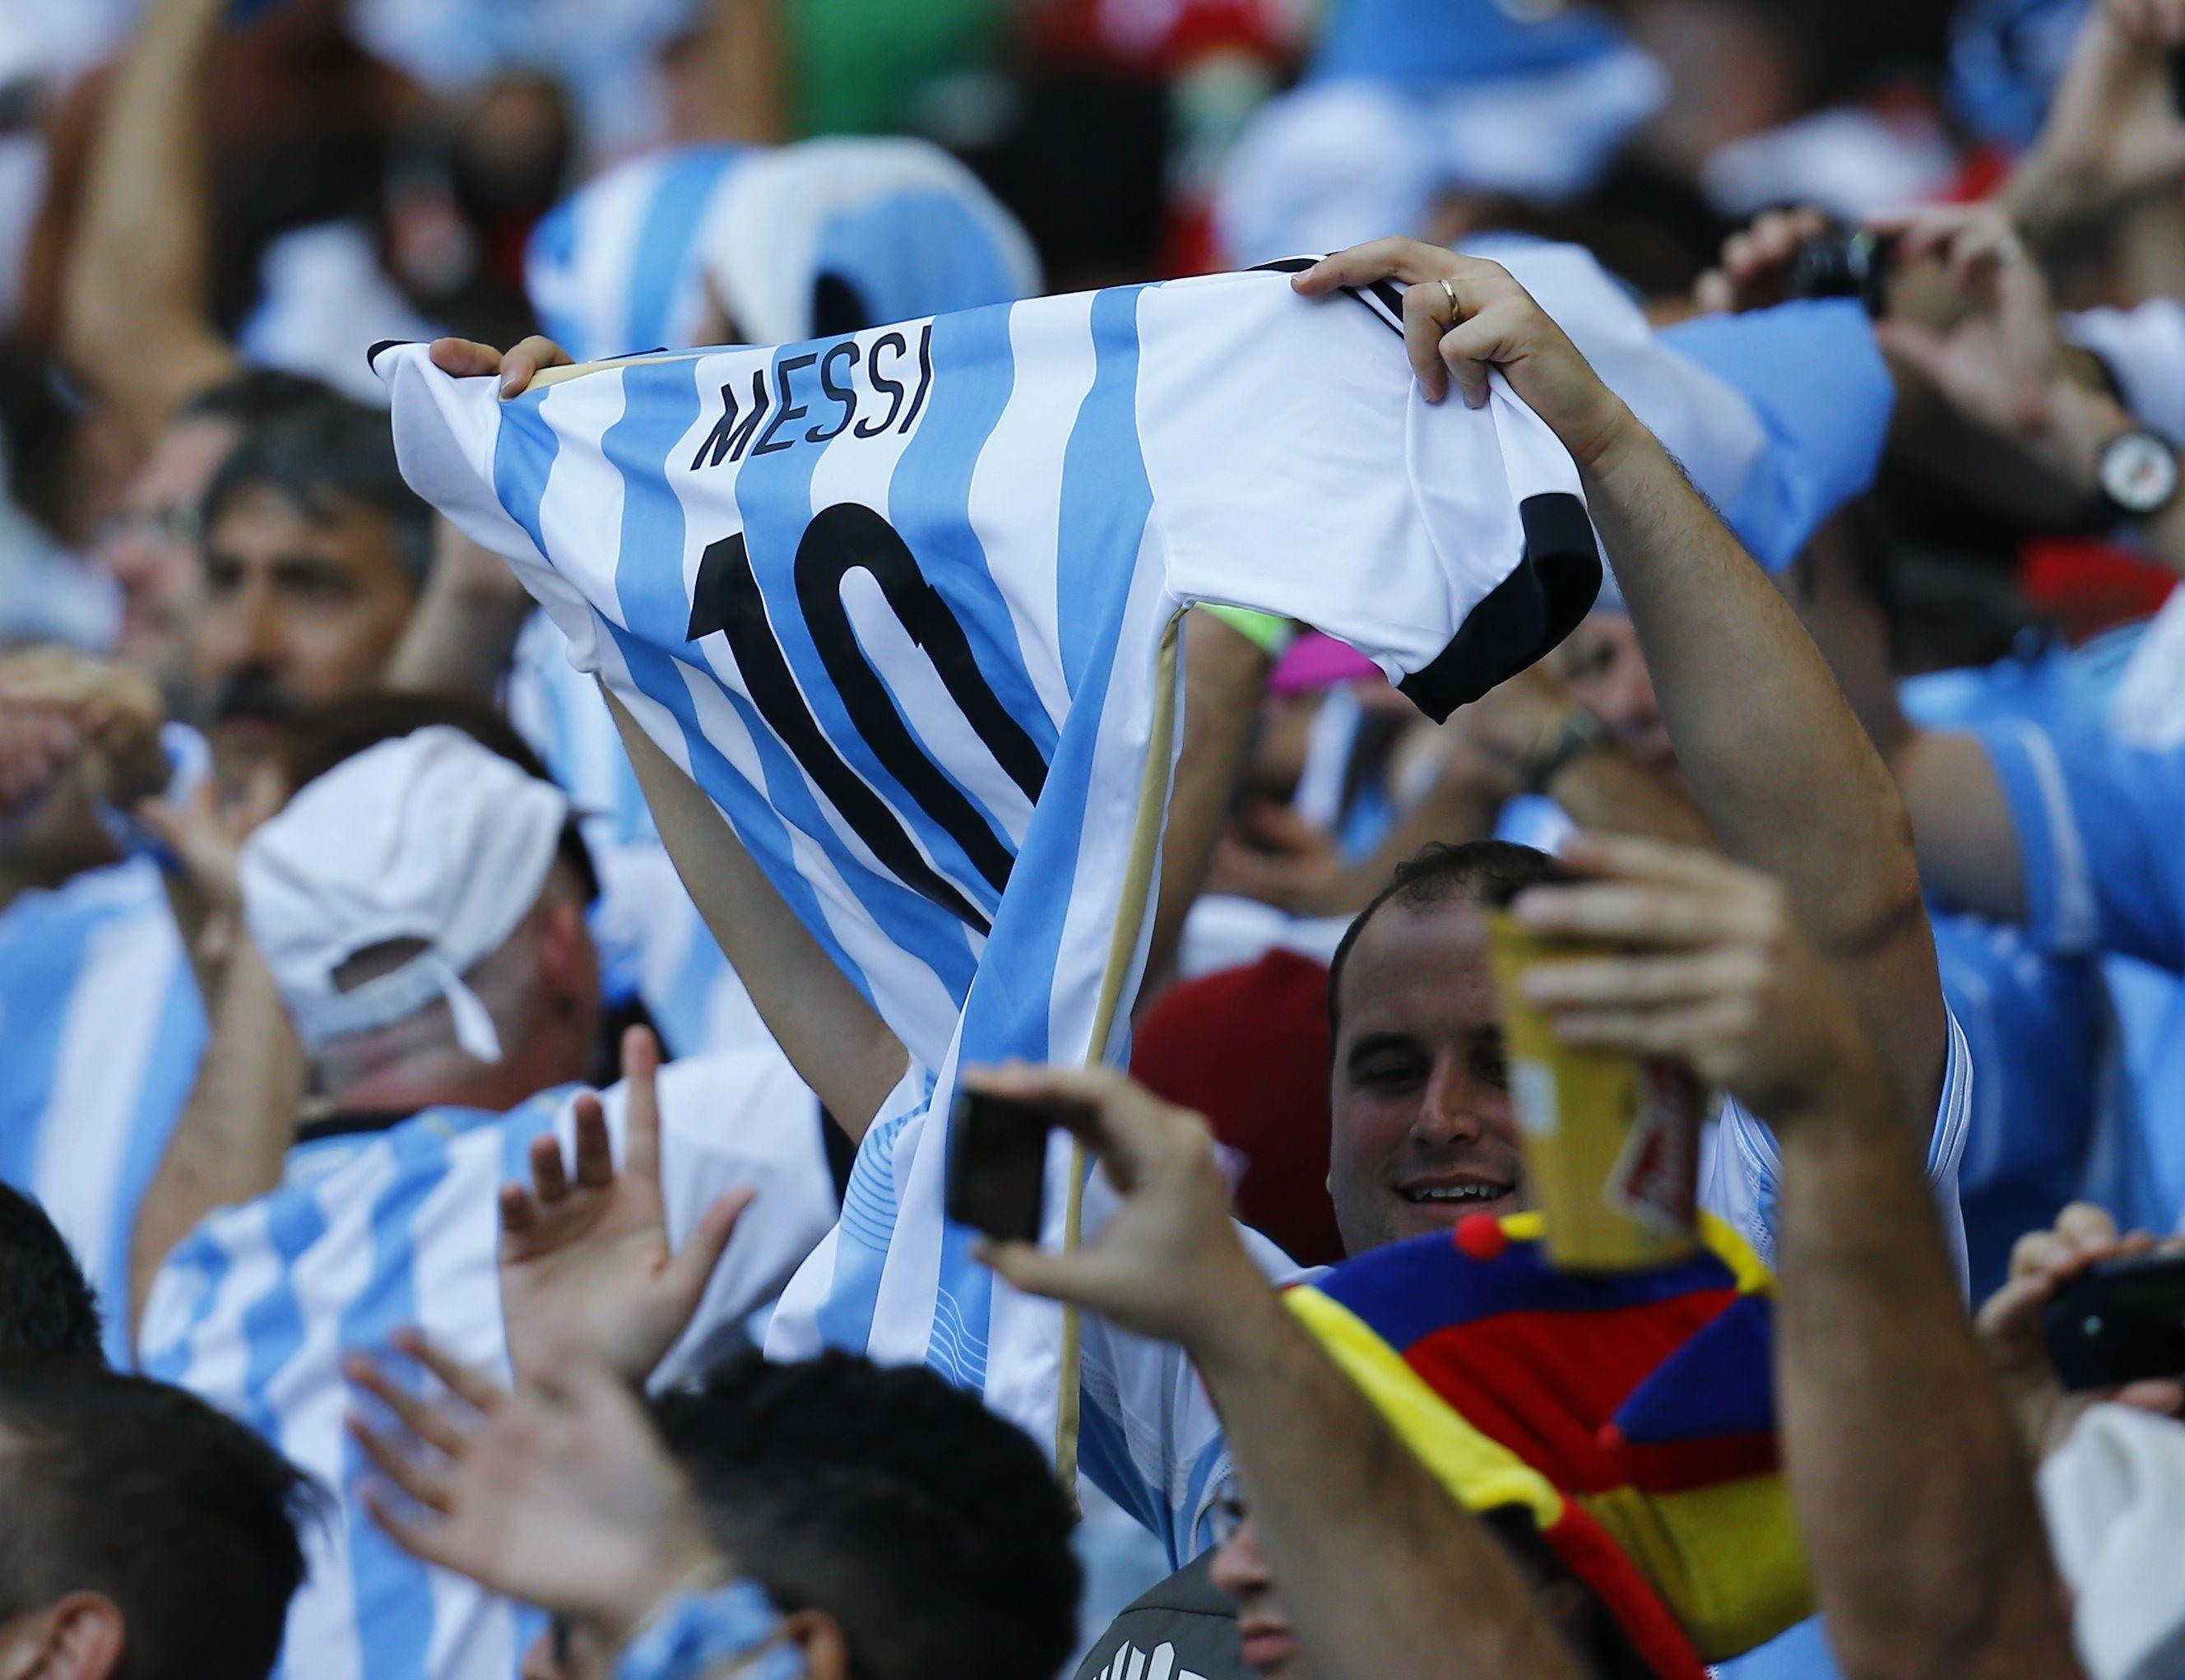 Lionel Messi entrera définitivement dans l'histoire du football s'il remporte la Coupe du monde